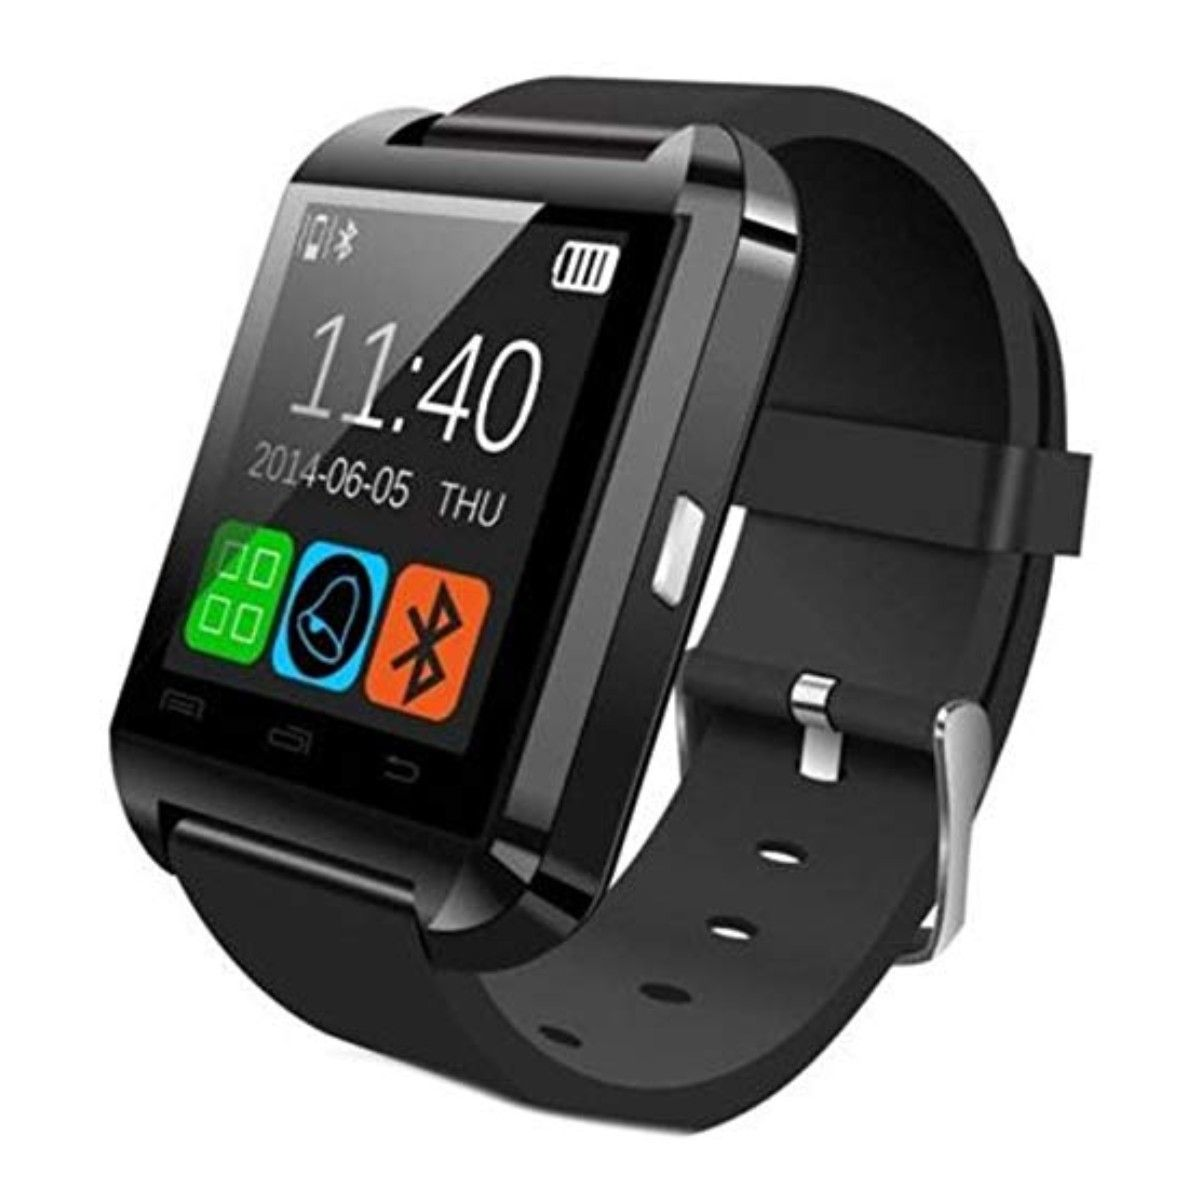 NXTPOWER SM-7001 Fitness Smartwatch